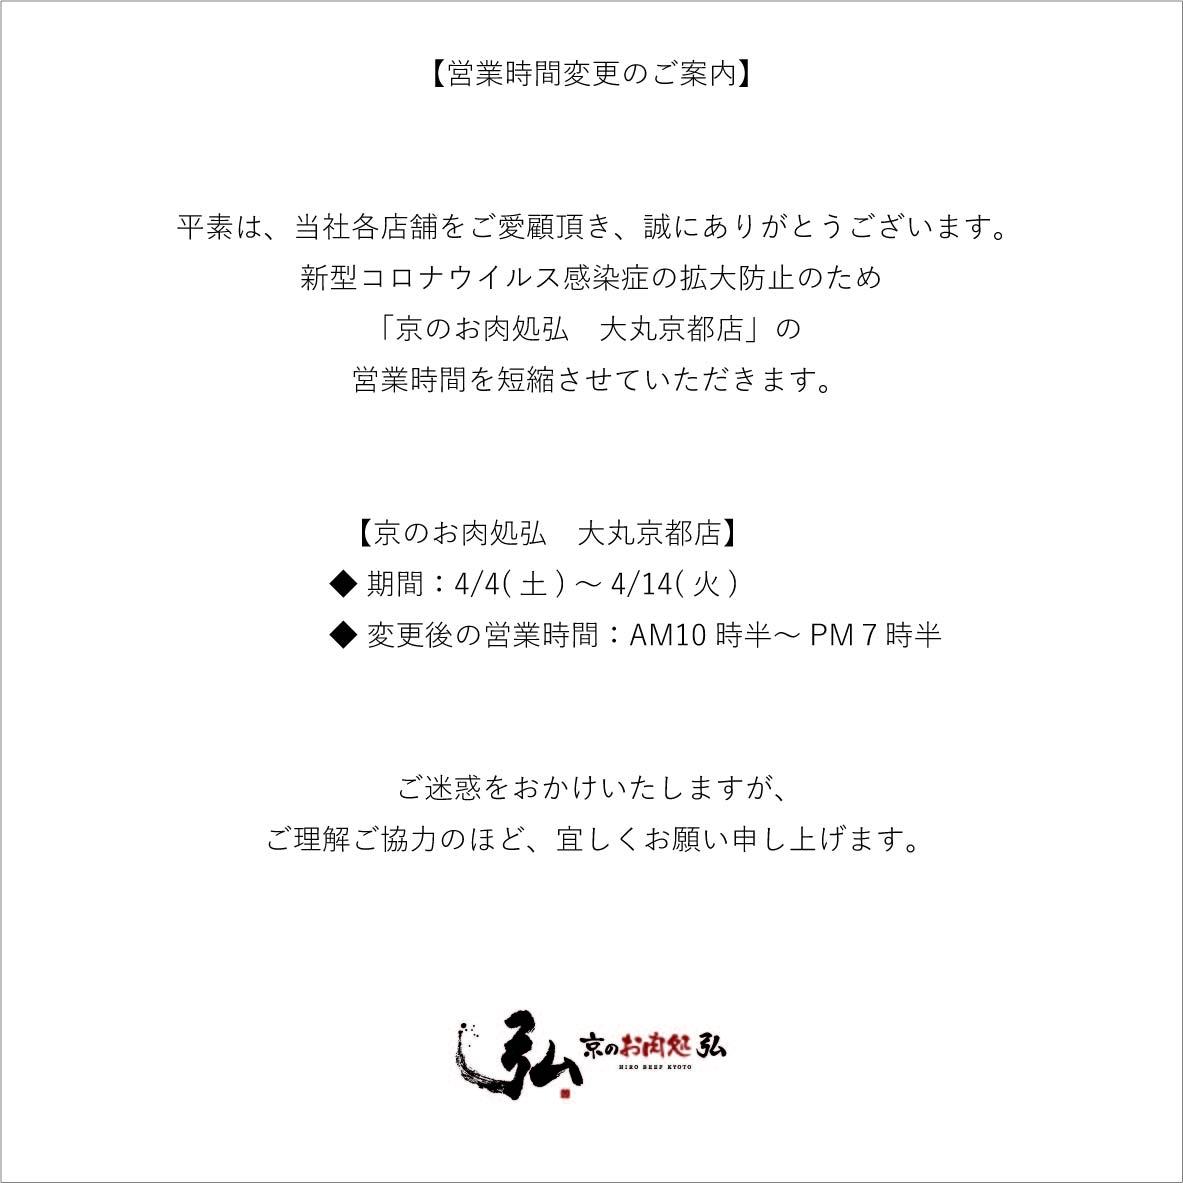 京のお肉処弘 大丸京都店 営業時間変更のご案内